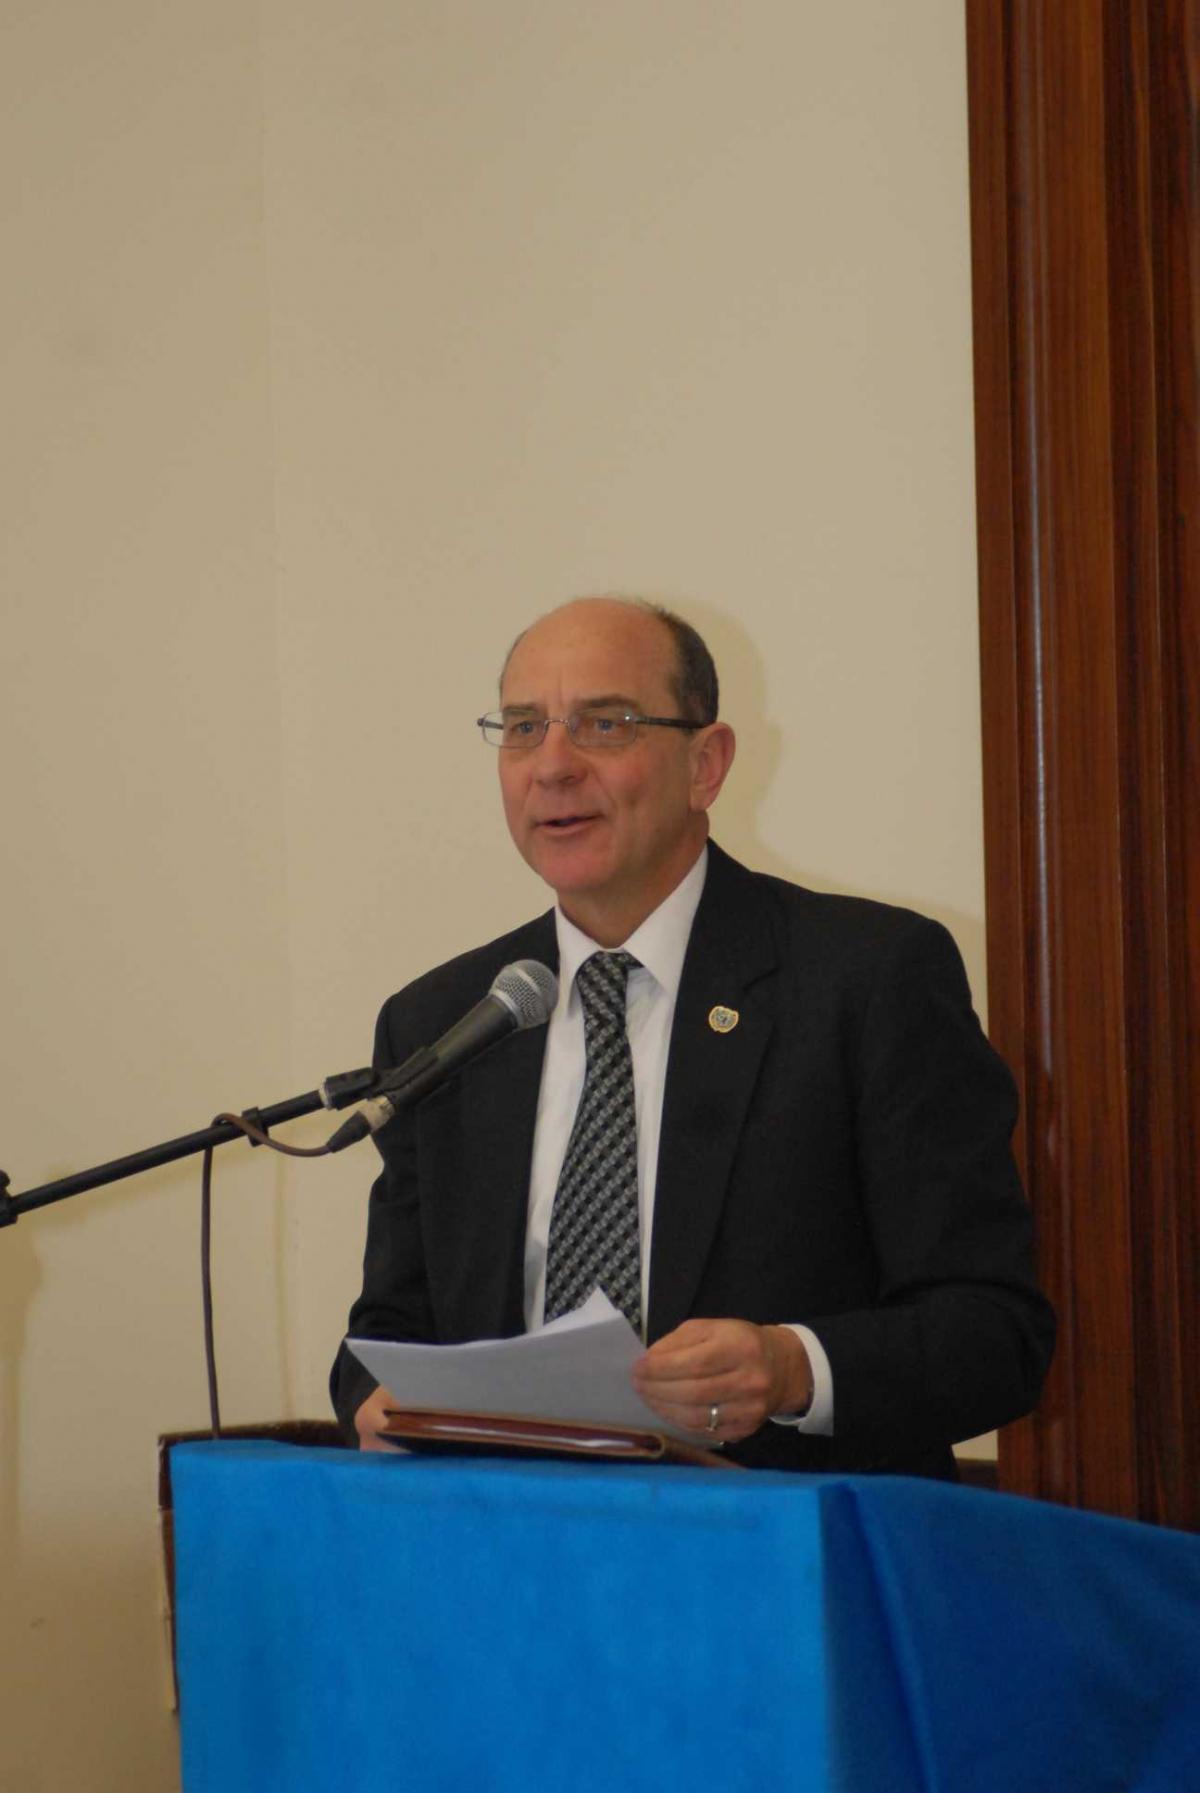 יום הזיכרון הבינלאומי לשואה בראשון לציון 27.1.2013